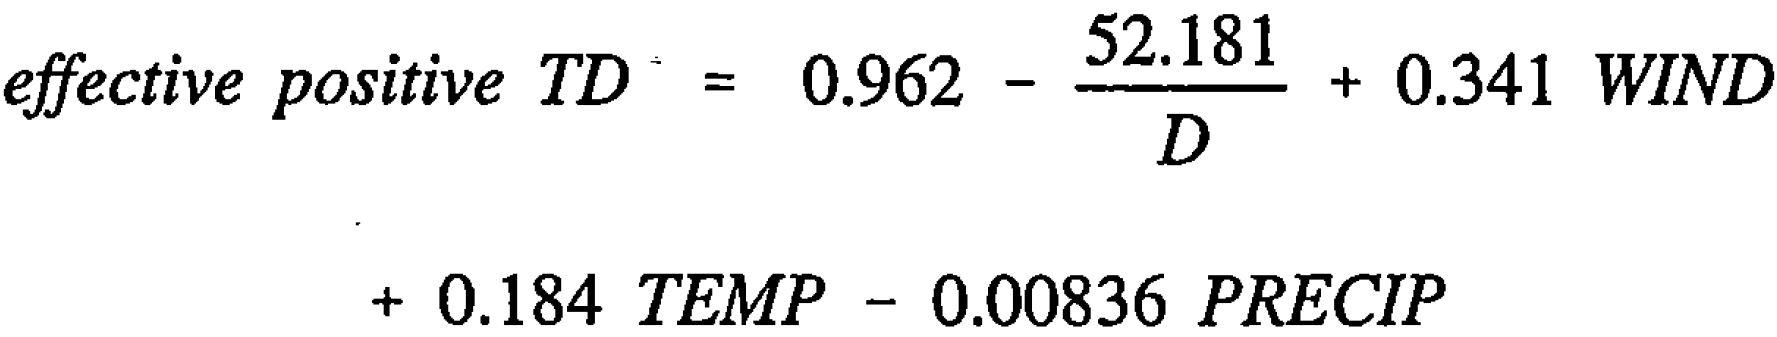 AASHTO Rigid Pavement Design Spreadsheet - Temperature Differential